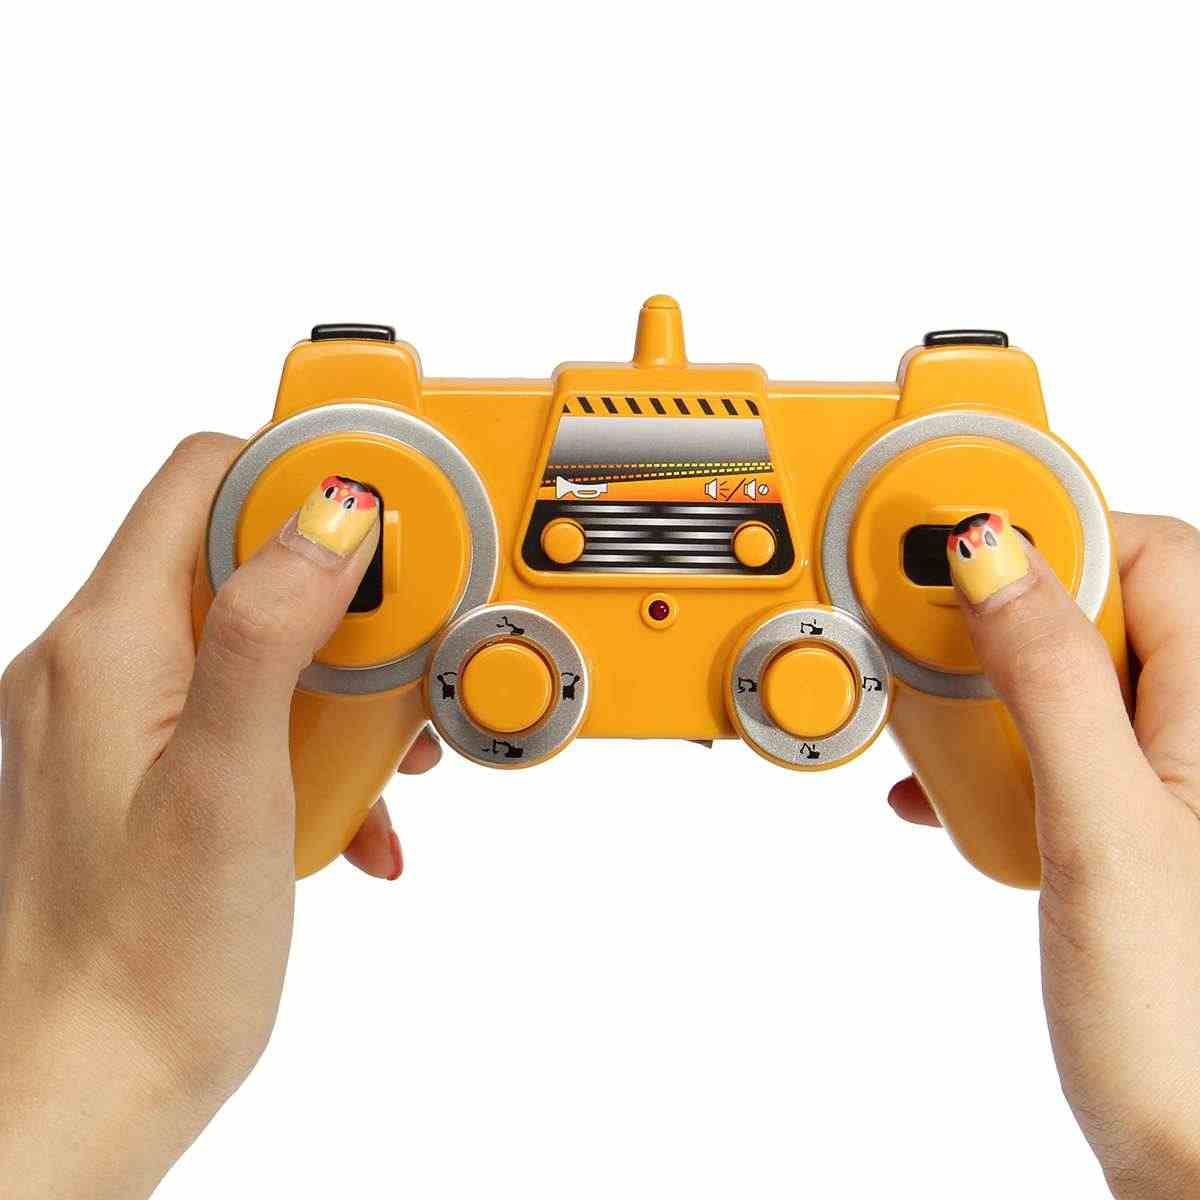 17 каналов 2,4G RC экскаватор игрушки детские мальчики игрушки для грузовых автомобилей RC подарки электронный RC инженерный автомобиль гусеничный трактор моделька Землекопа